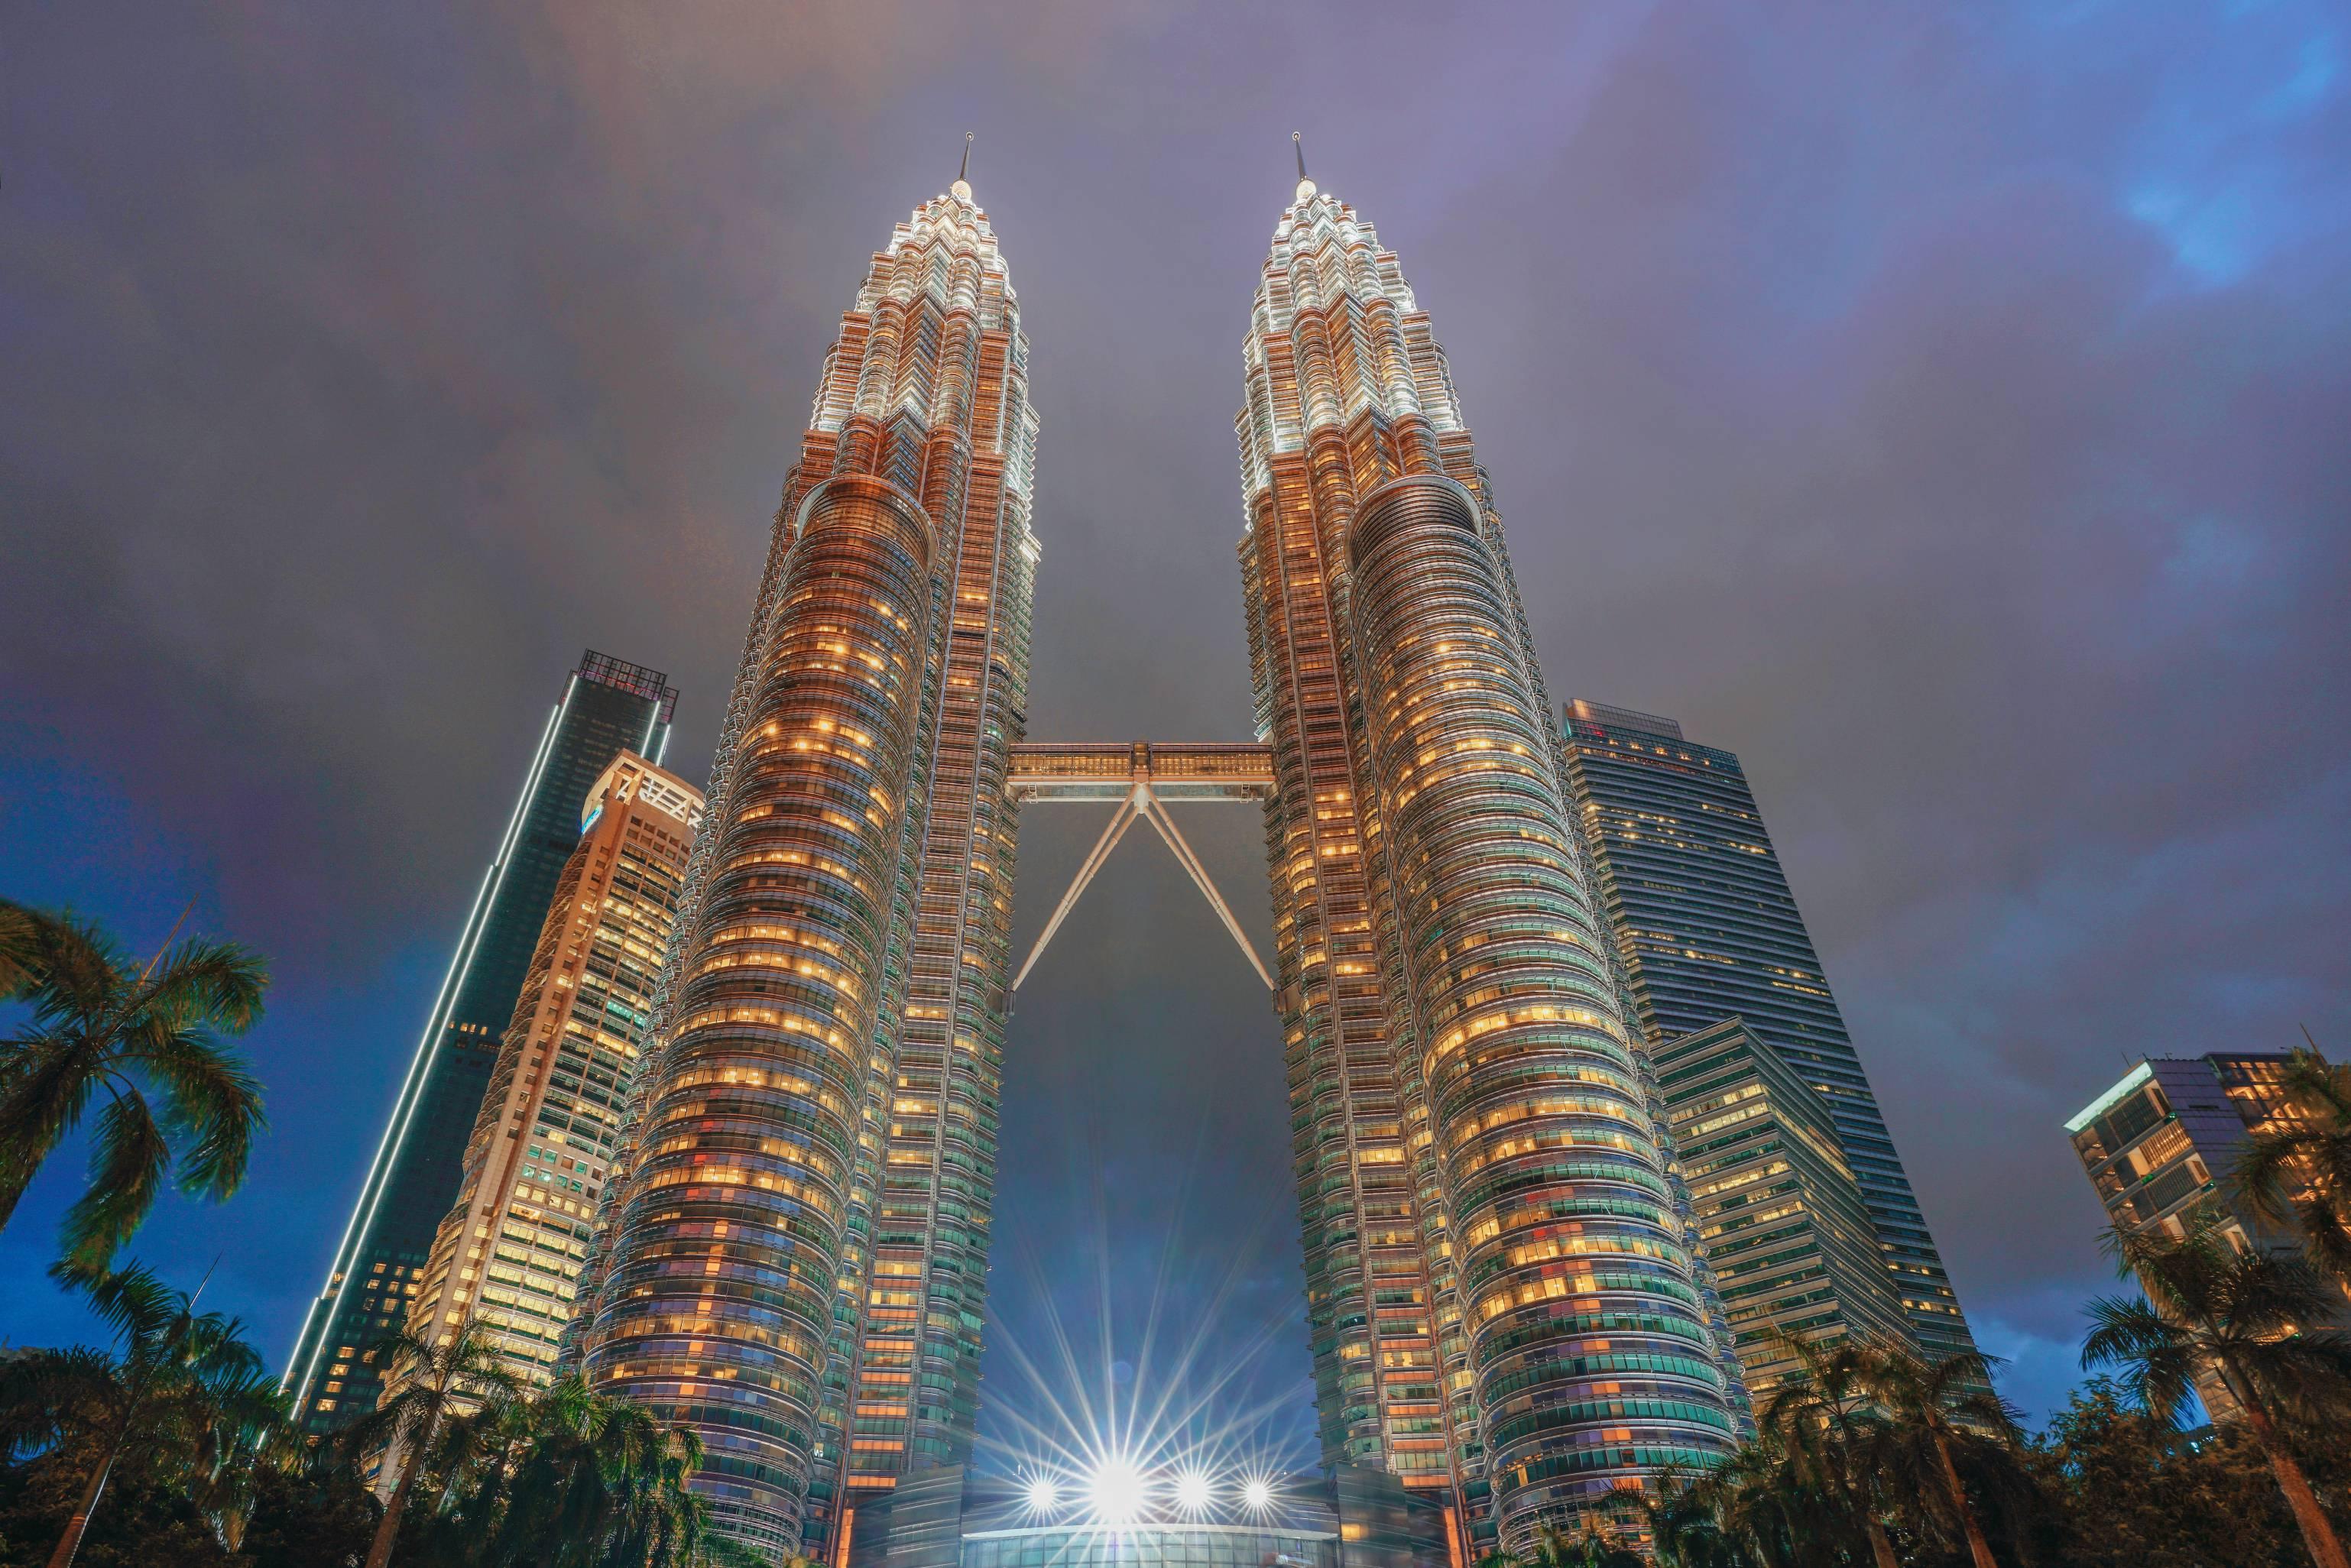 【心动云顶】马来西亚·吉隆坡云顶亚航自由行套餐